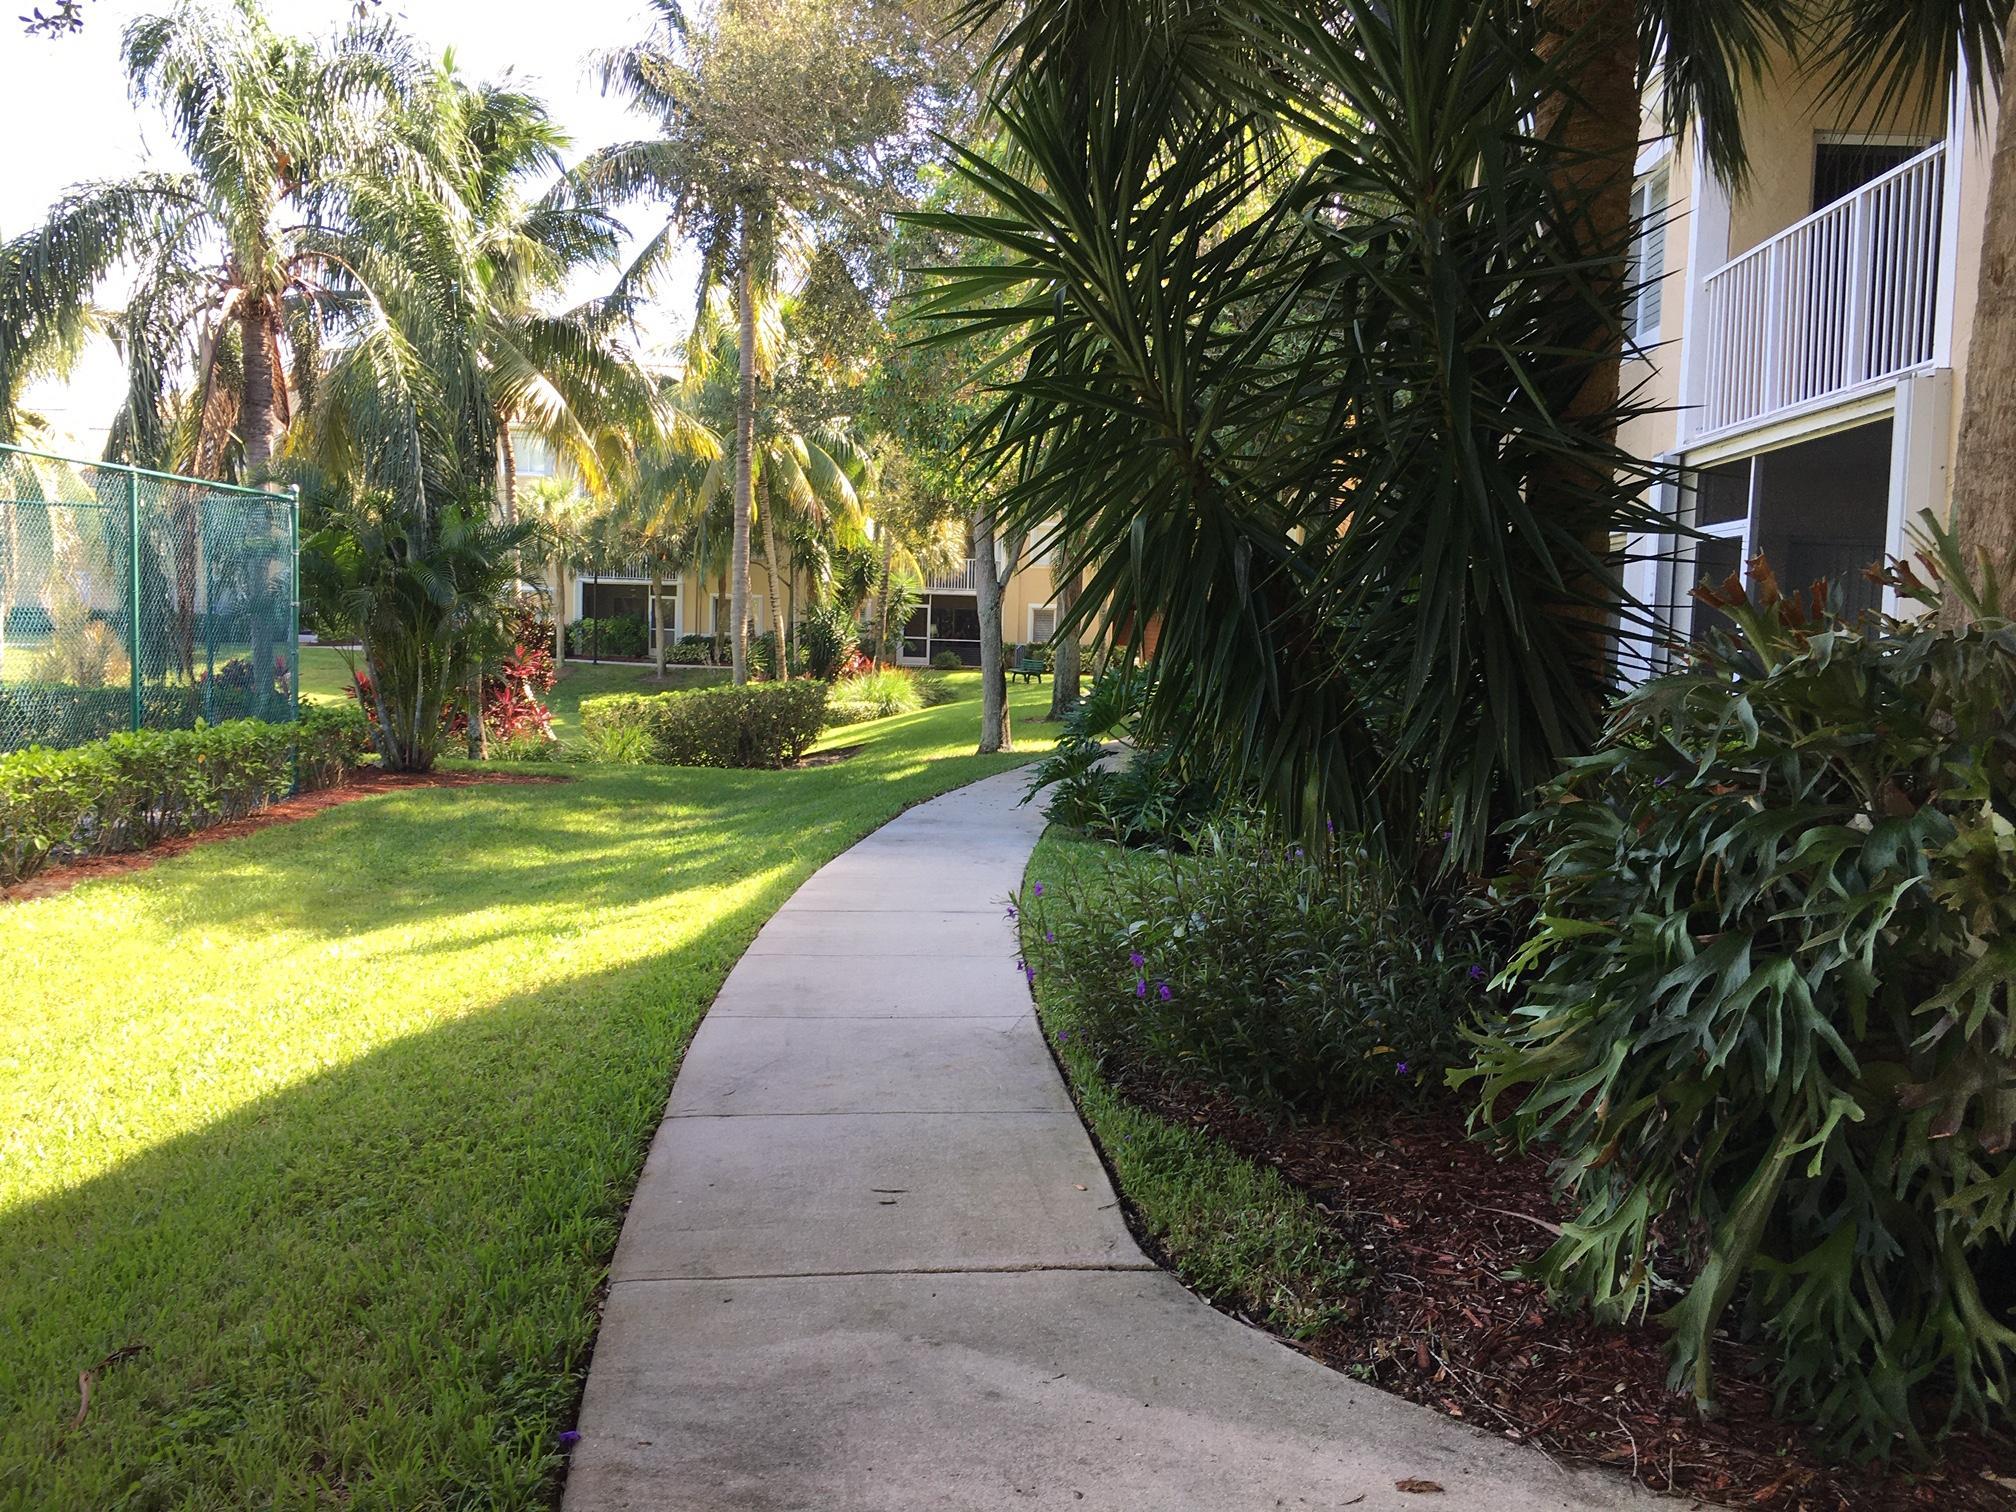 272 Village Boulevard #7106 - 33469 - FL - Tequesta